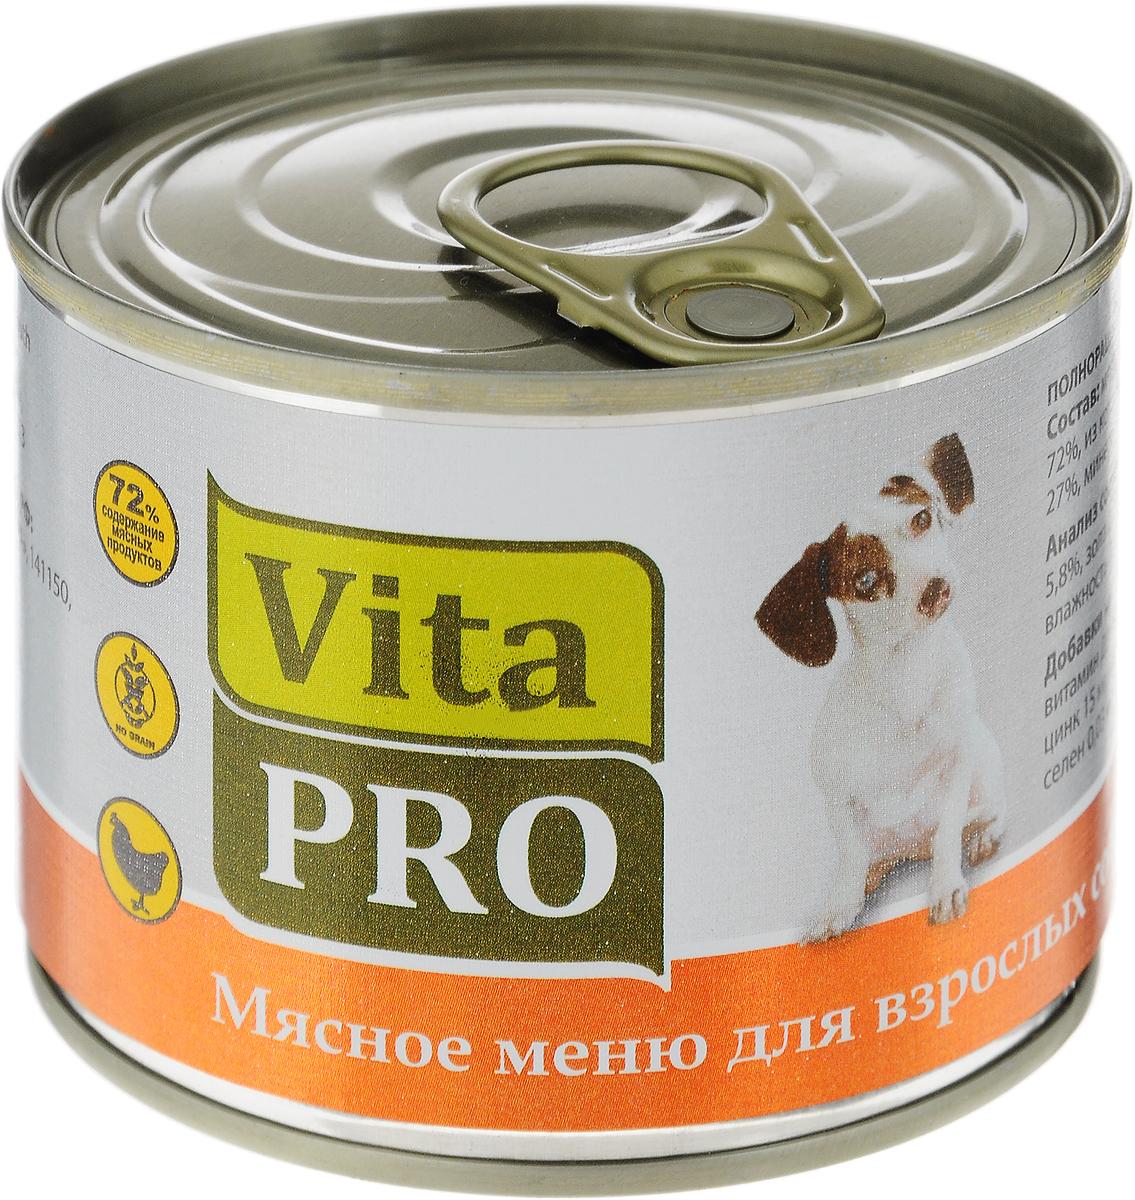 Консервы Vita ProМясное меню для собак, курица, 200 г консервы для кошек vita pro мясное меню с индейкой и уткой 100 г 90102